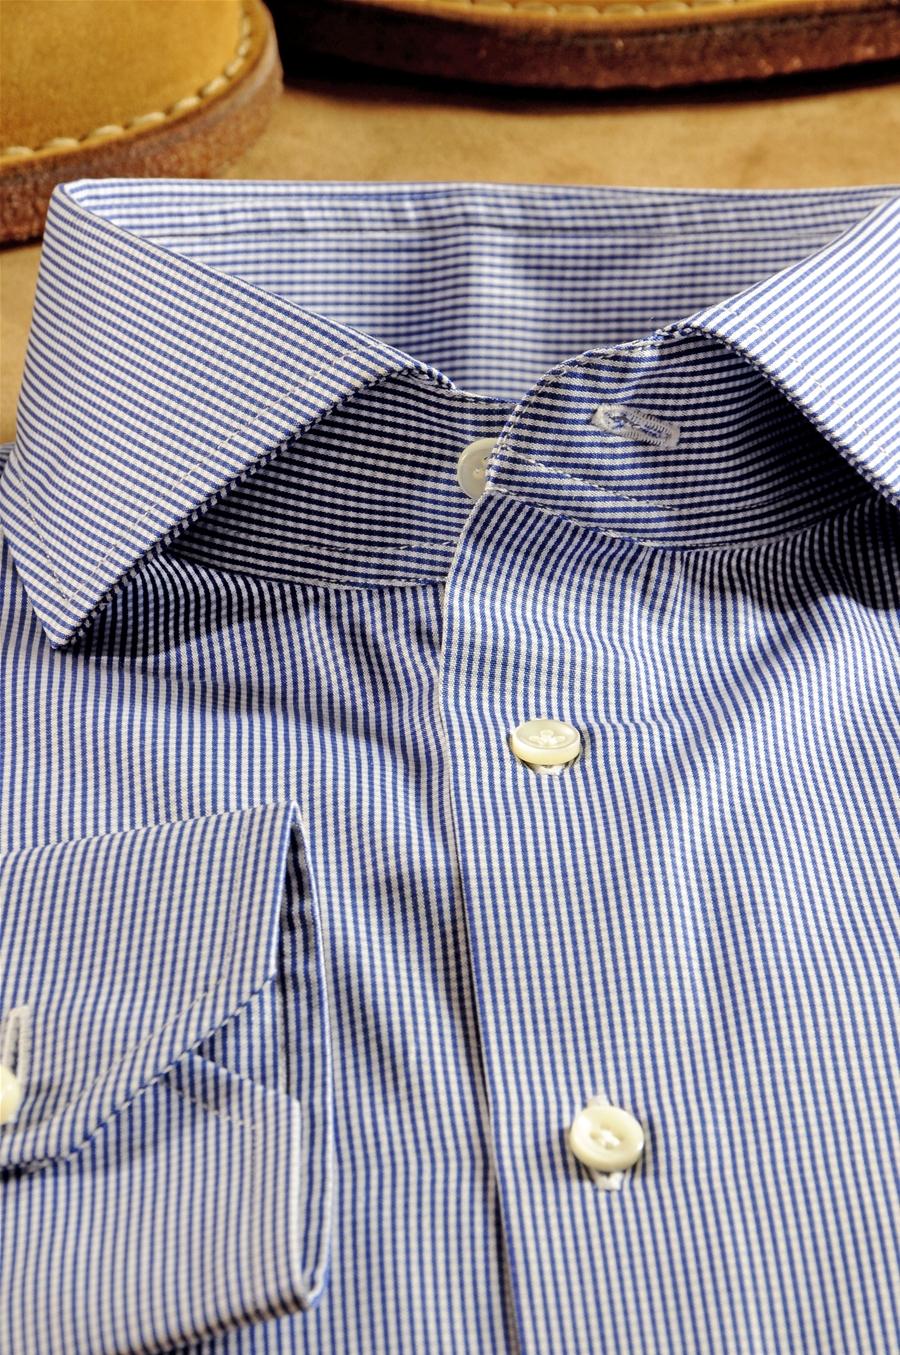 Misura Uomo Cotone Su Su Camicie Uomo Misura Camicie Cotone Camicie fbyI7vY6gm